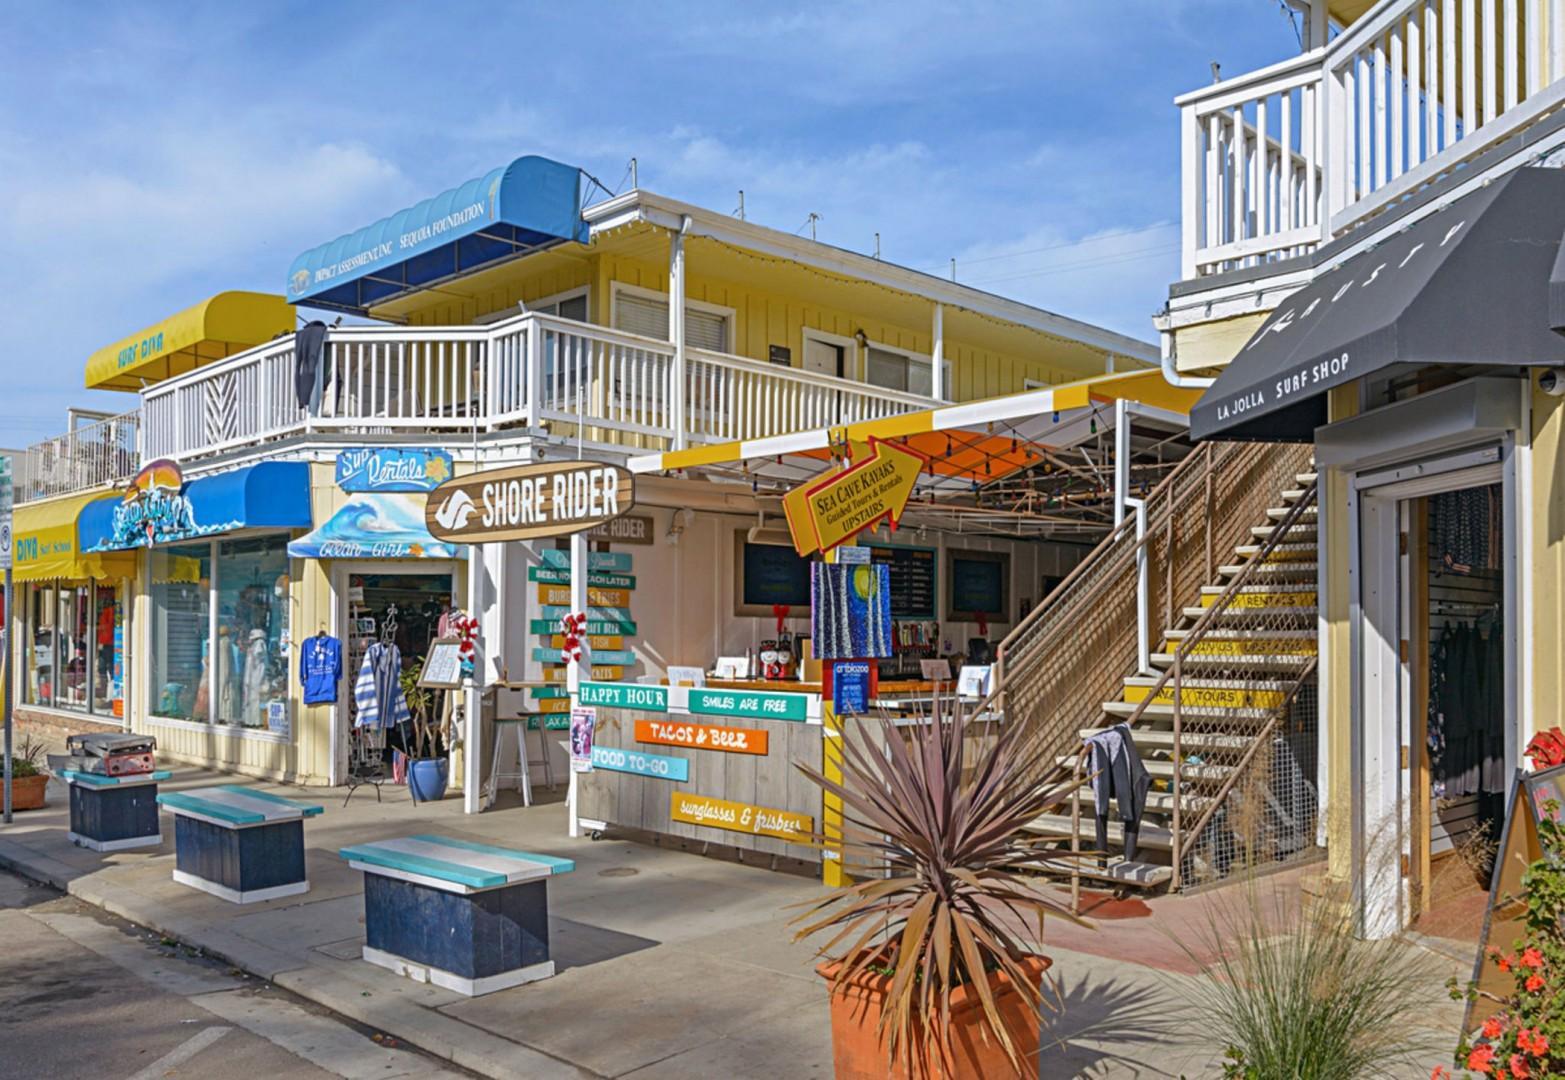 La-Jolla-Shores-Beach-rentals